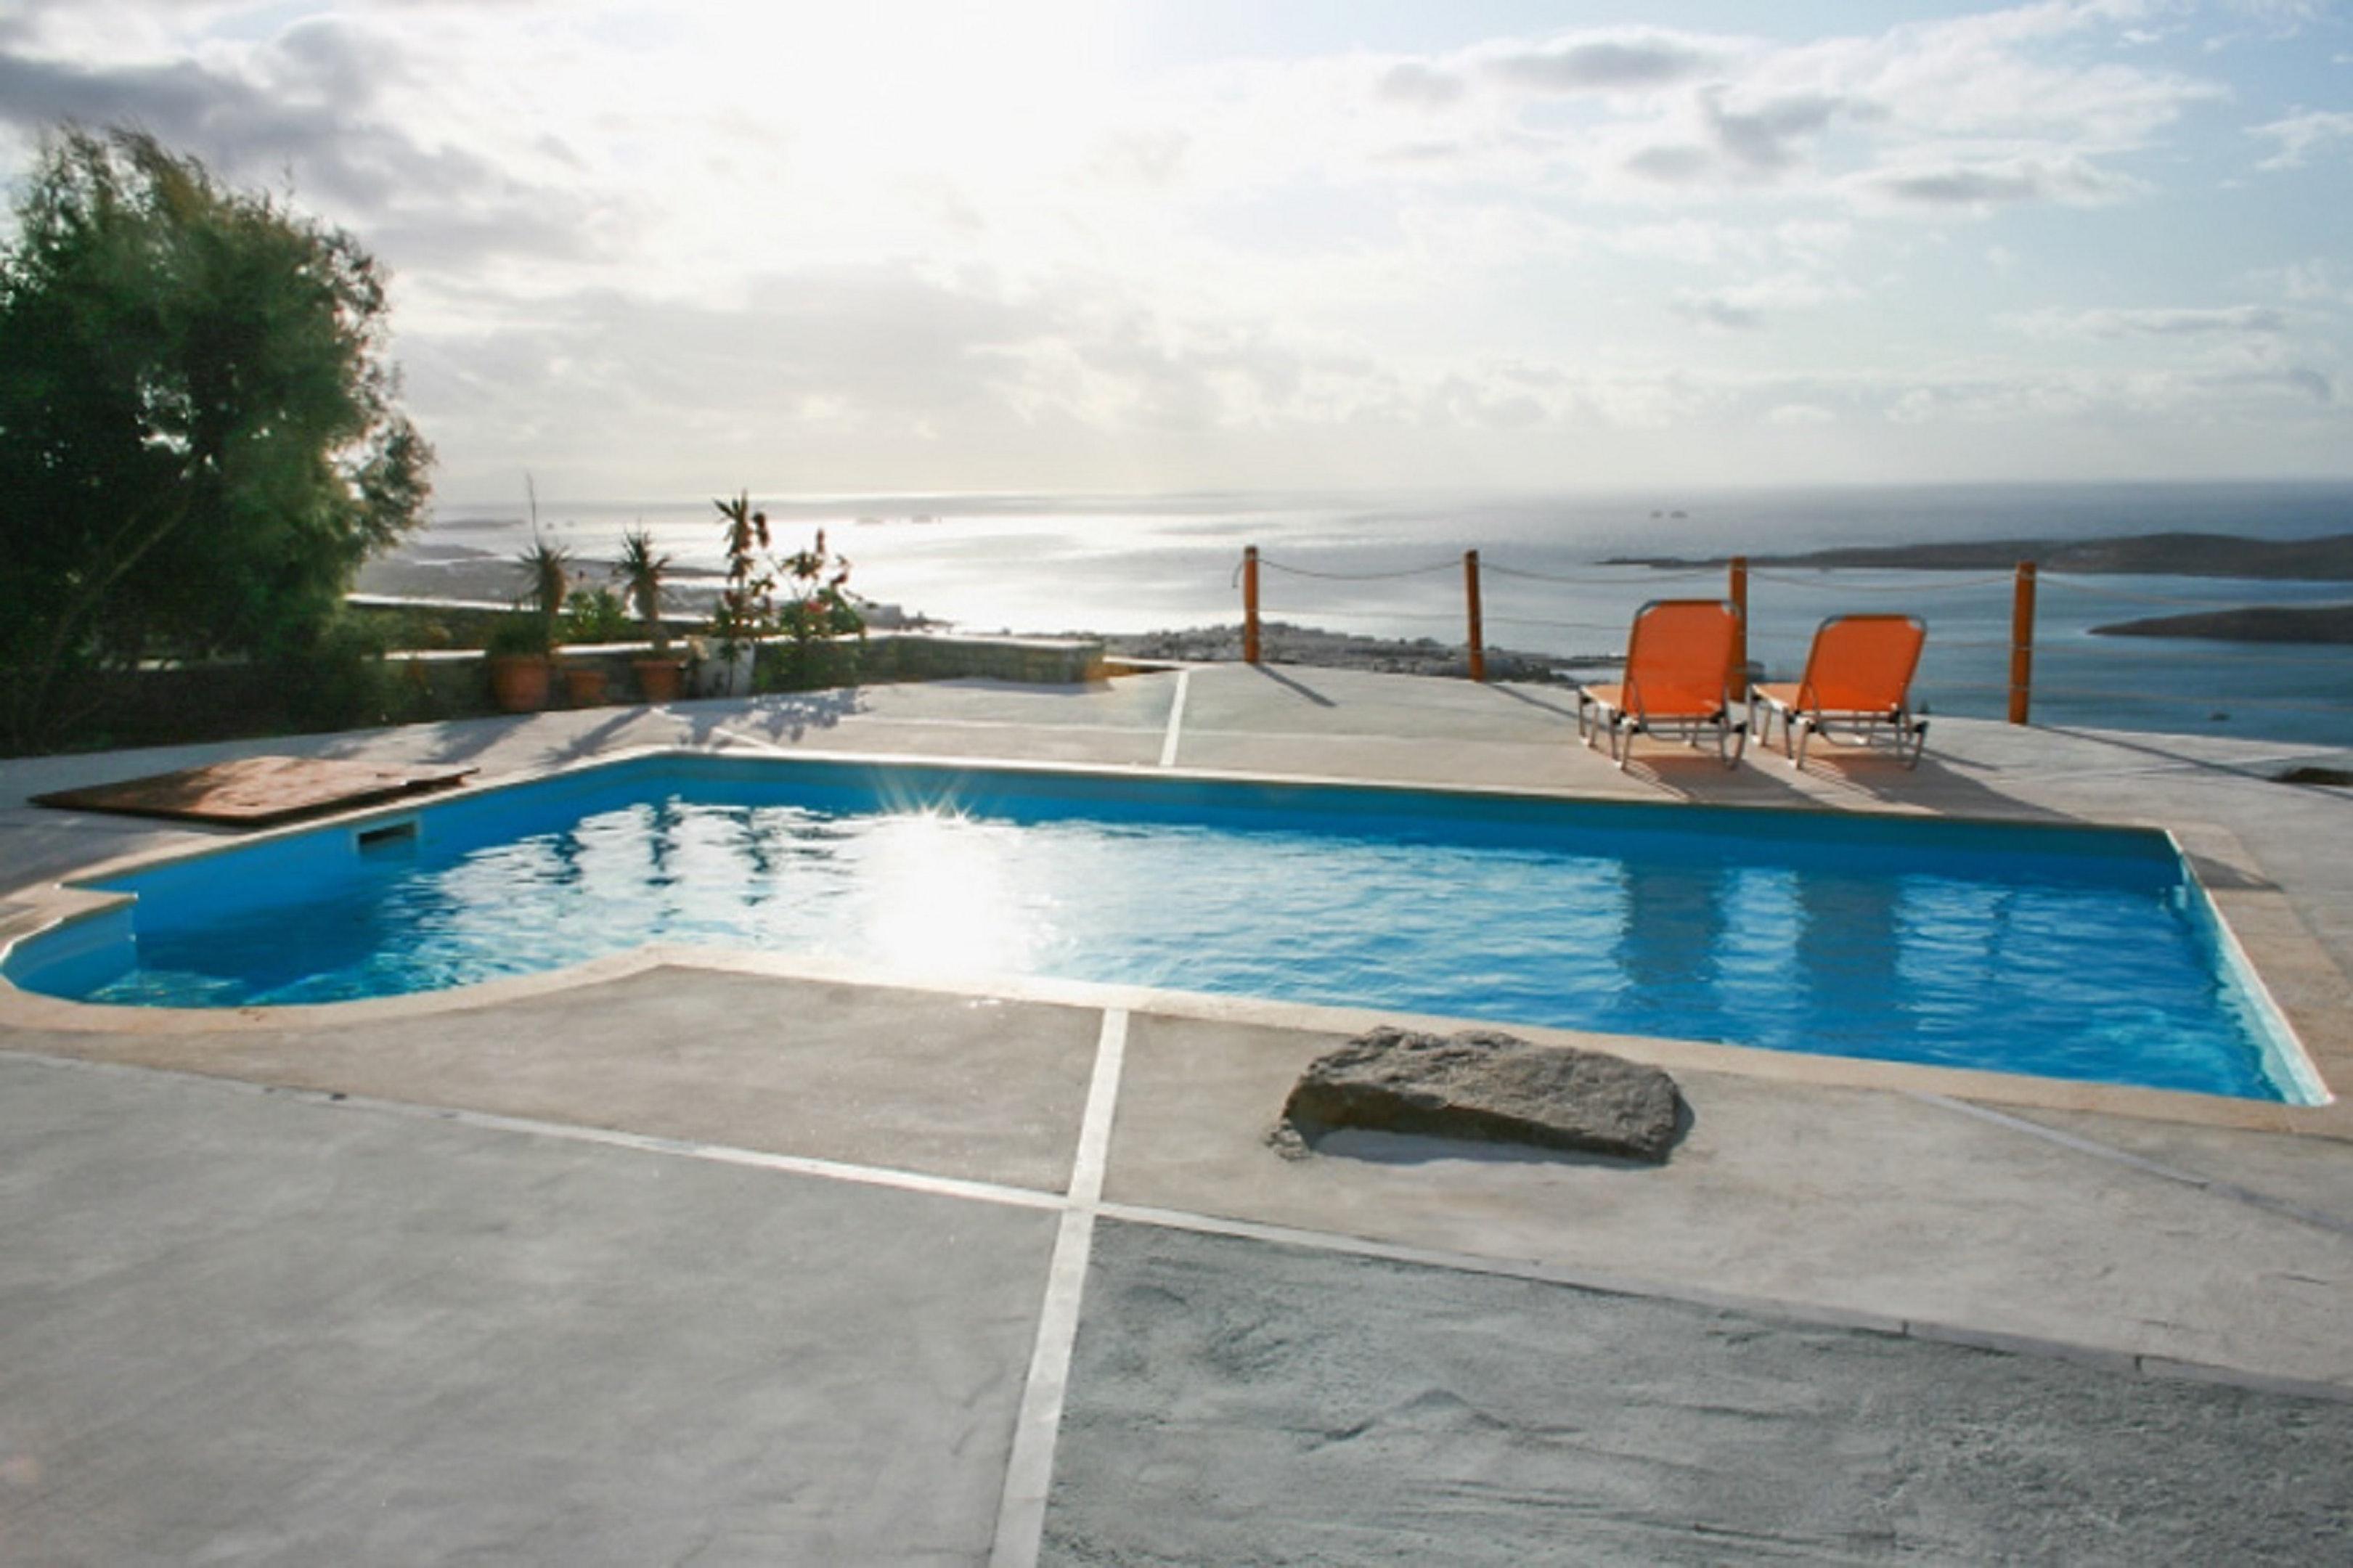 Holiday house Villa mit 3 Schlafzimmern in Paros mit herrlichem Meerblick, Pool und W-LAN - 1 km vom Str (2201537), Paros, Paros, Cyclades, Greece, picture 4